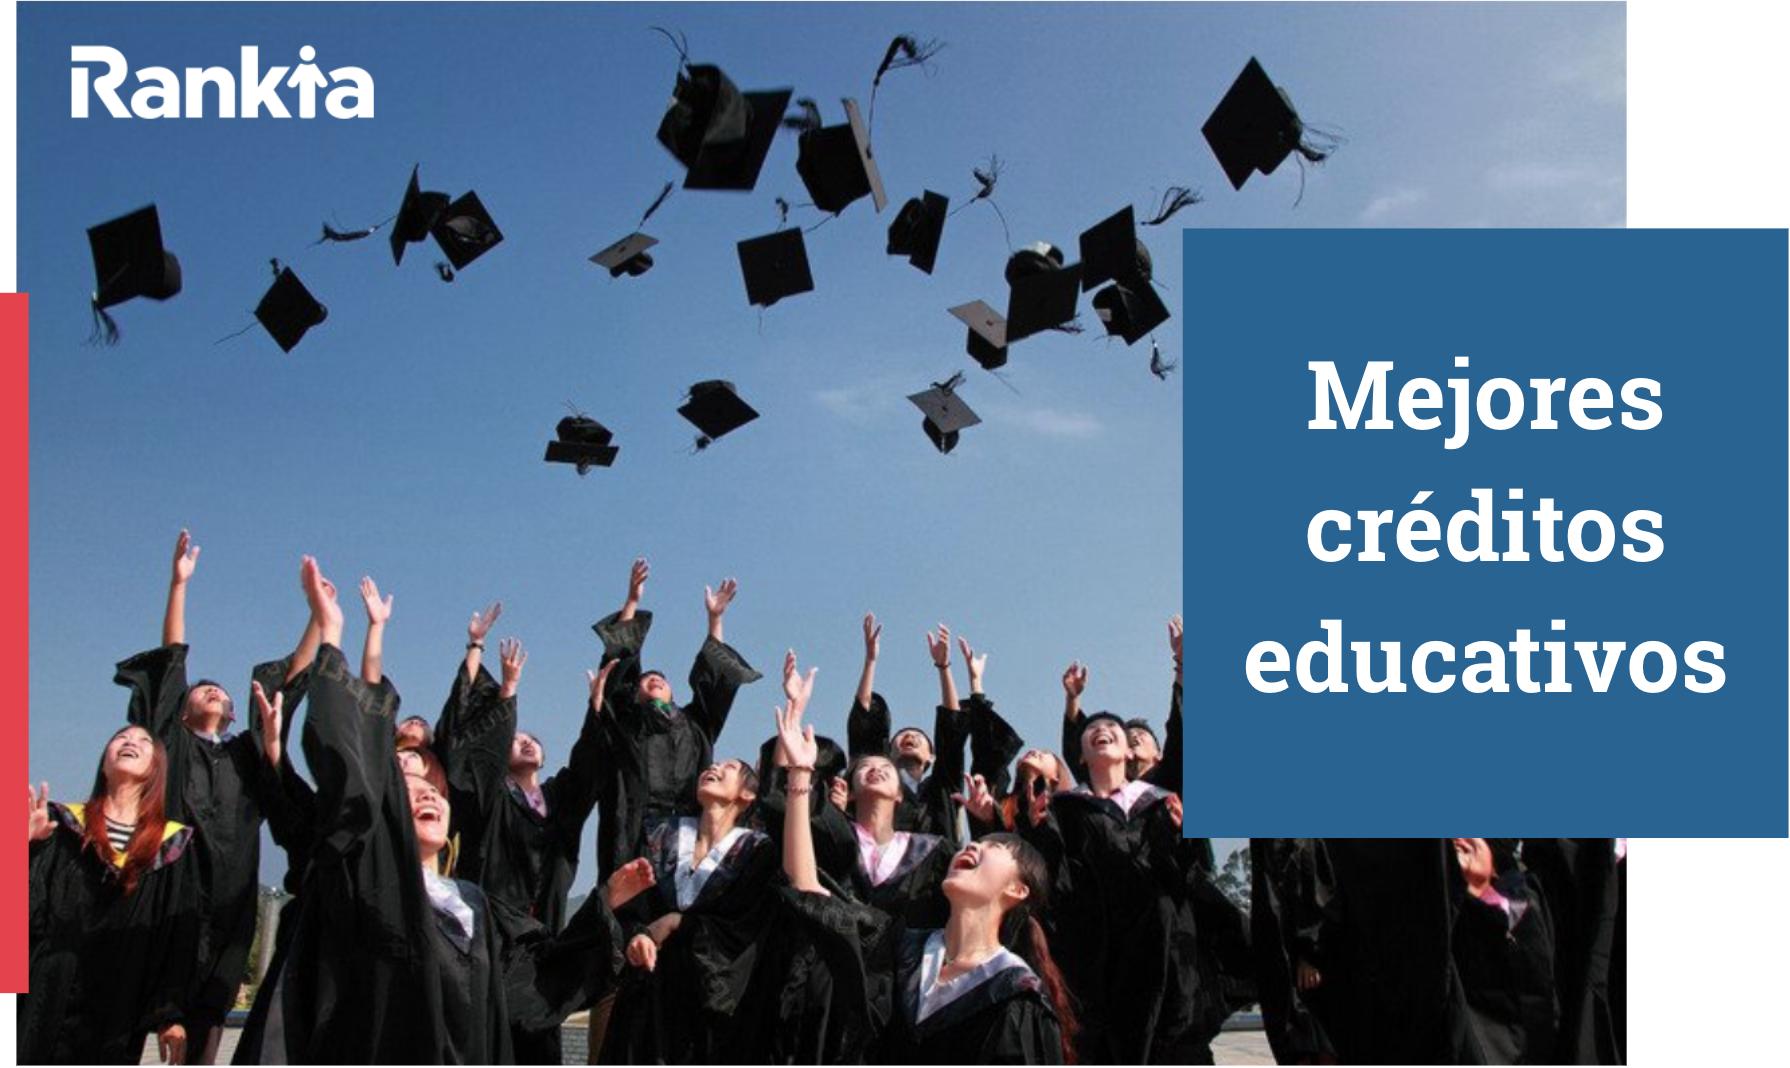 Mejores créditos educativos